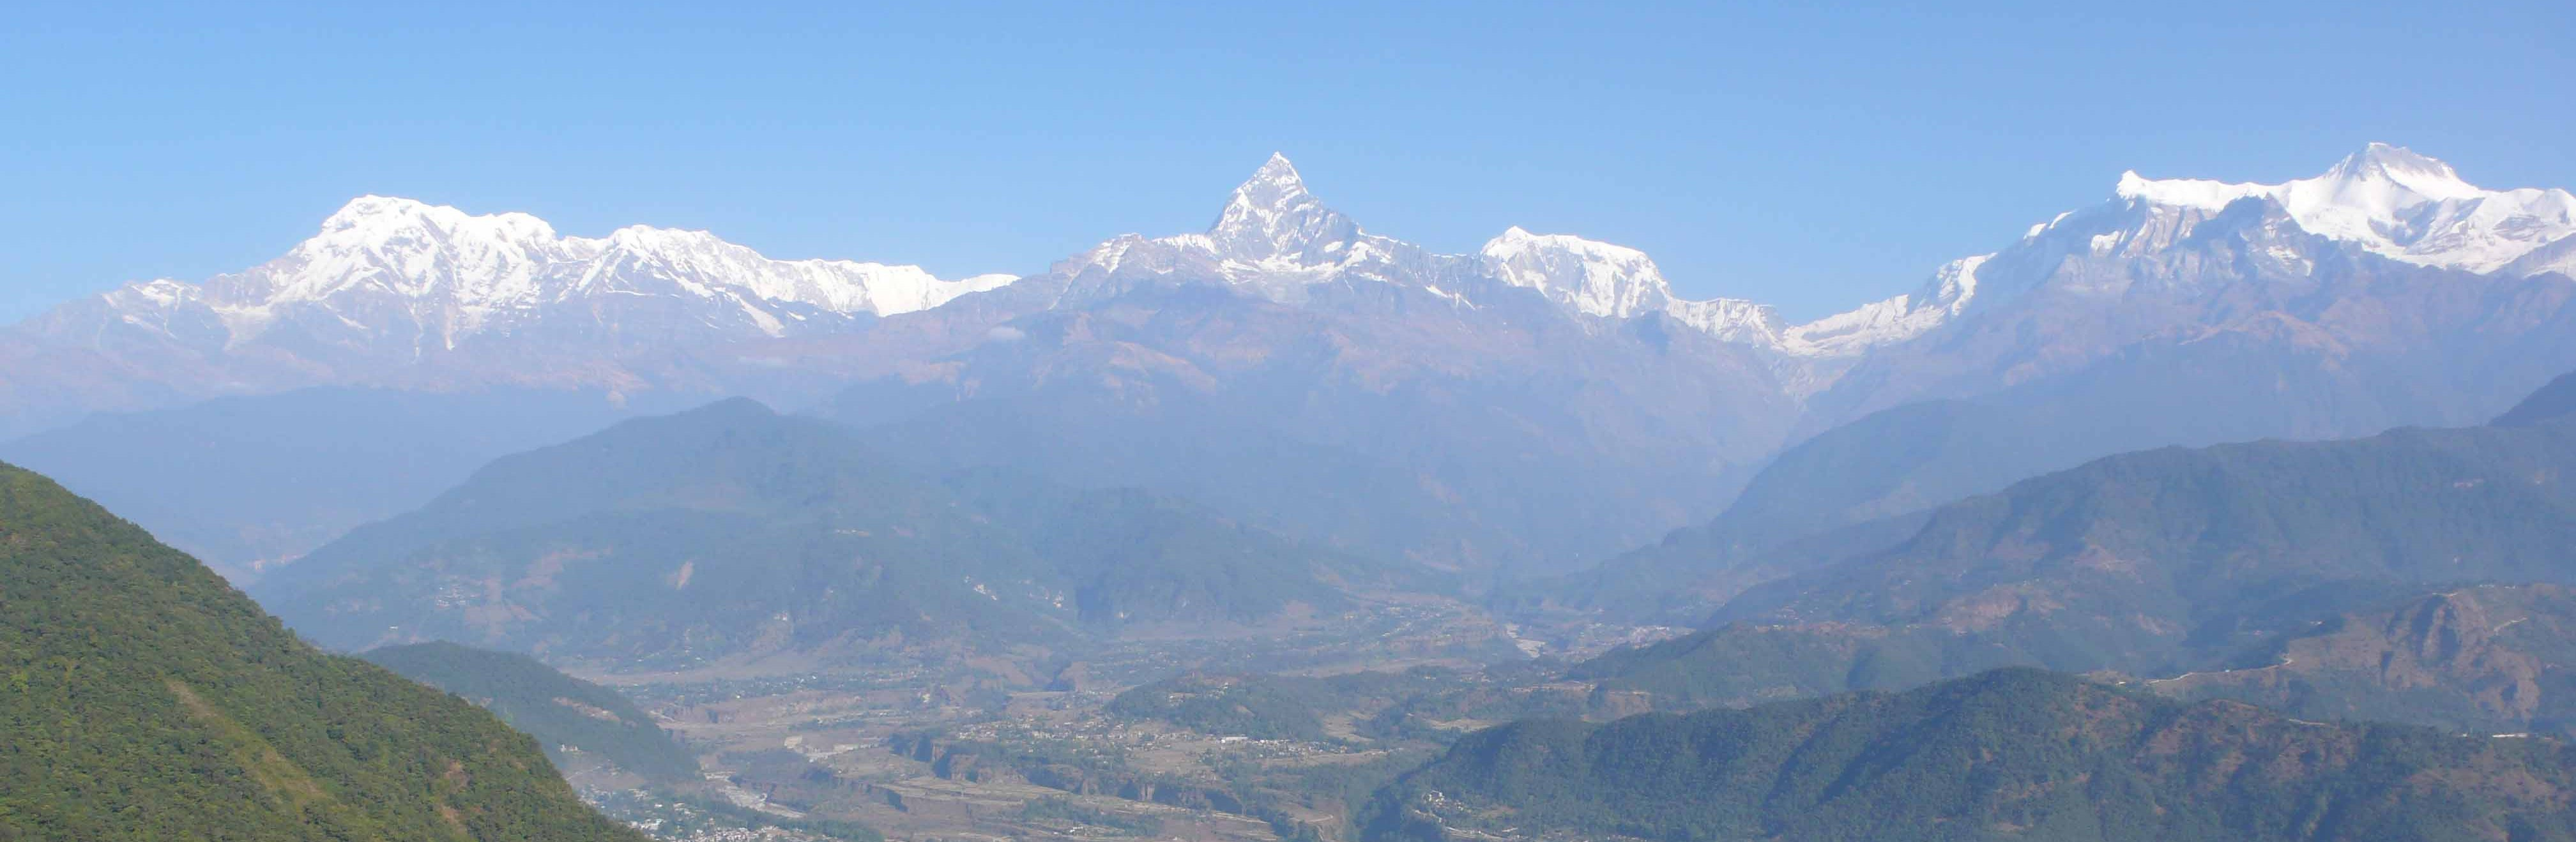 Vale de Kathmandu, Chitwan e Pokhara